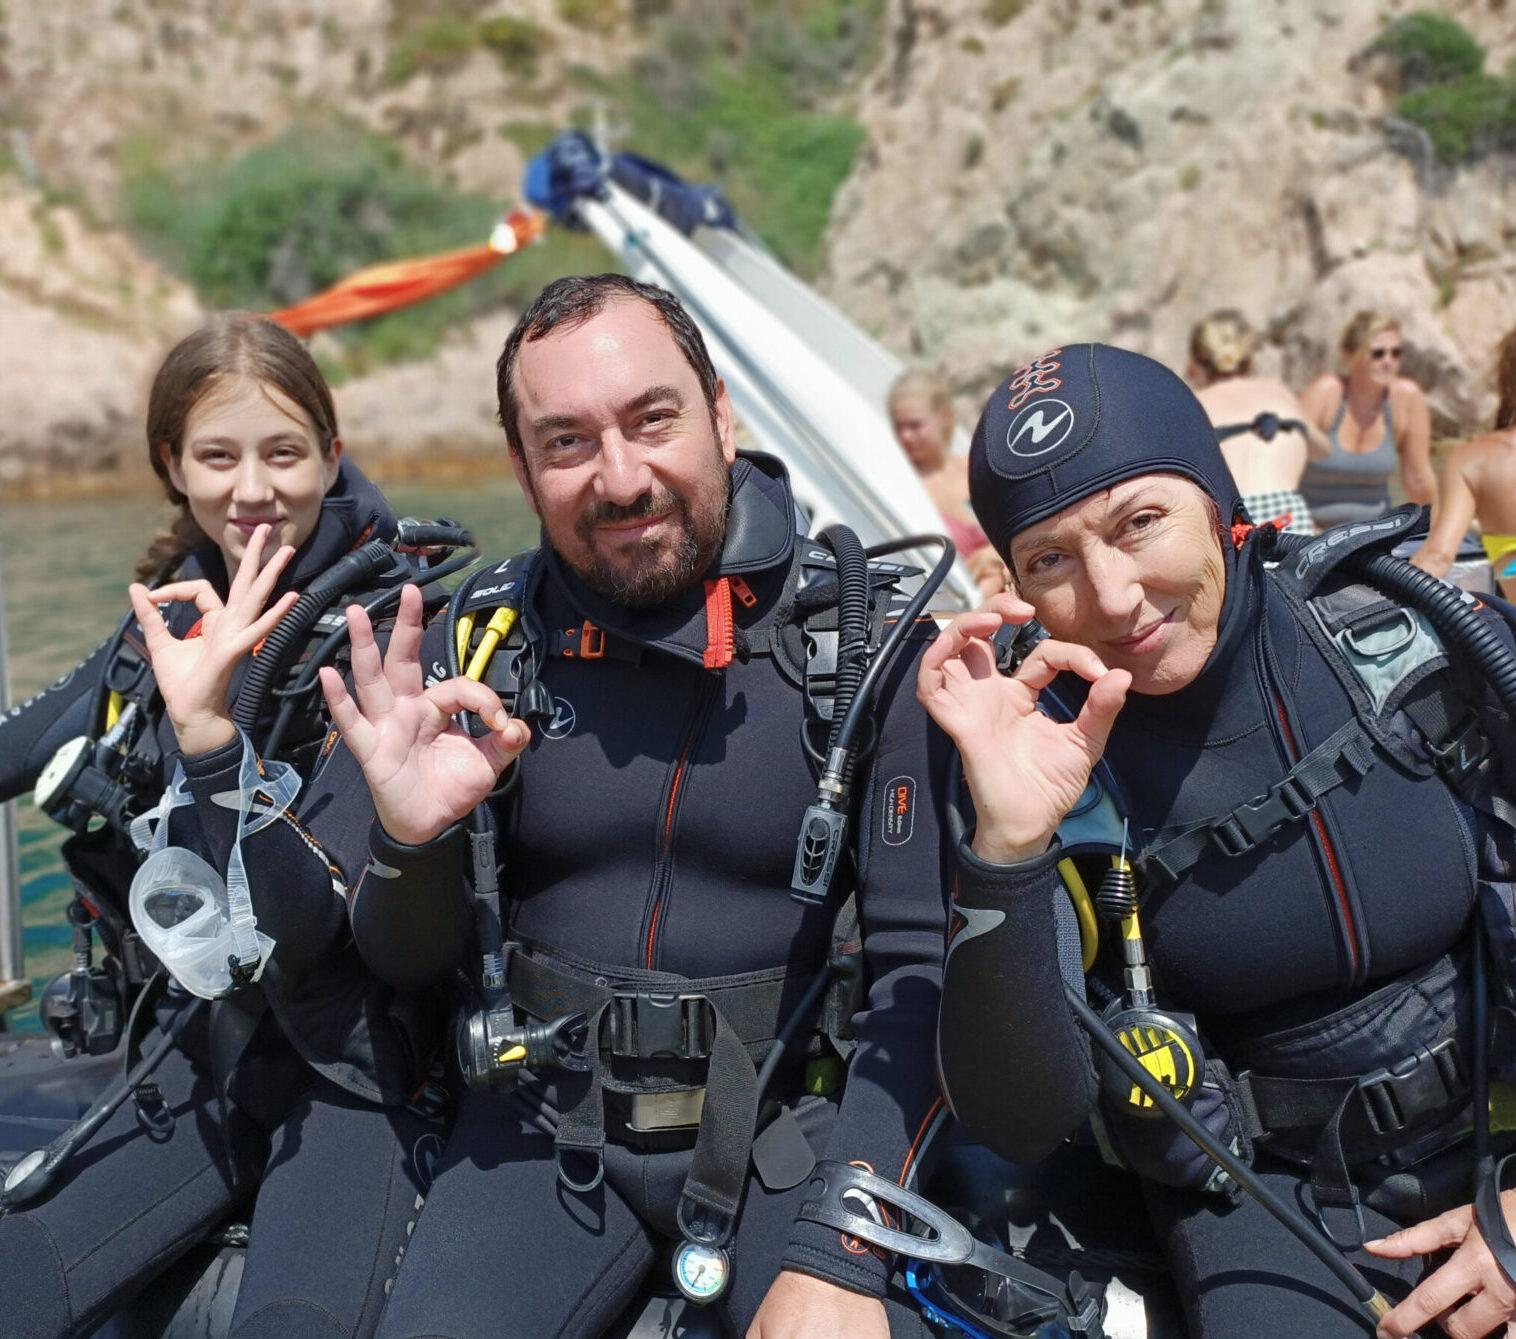 Familia bautizo submarino costa brava